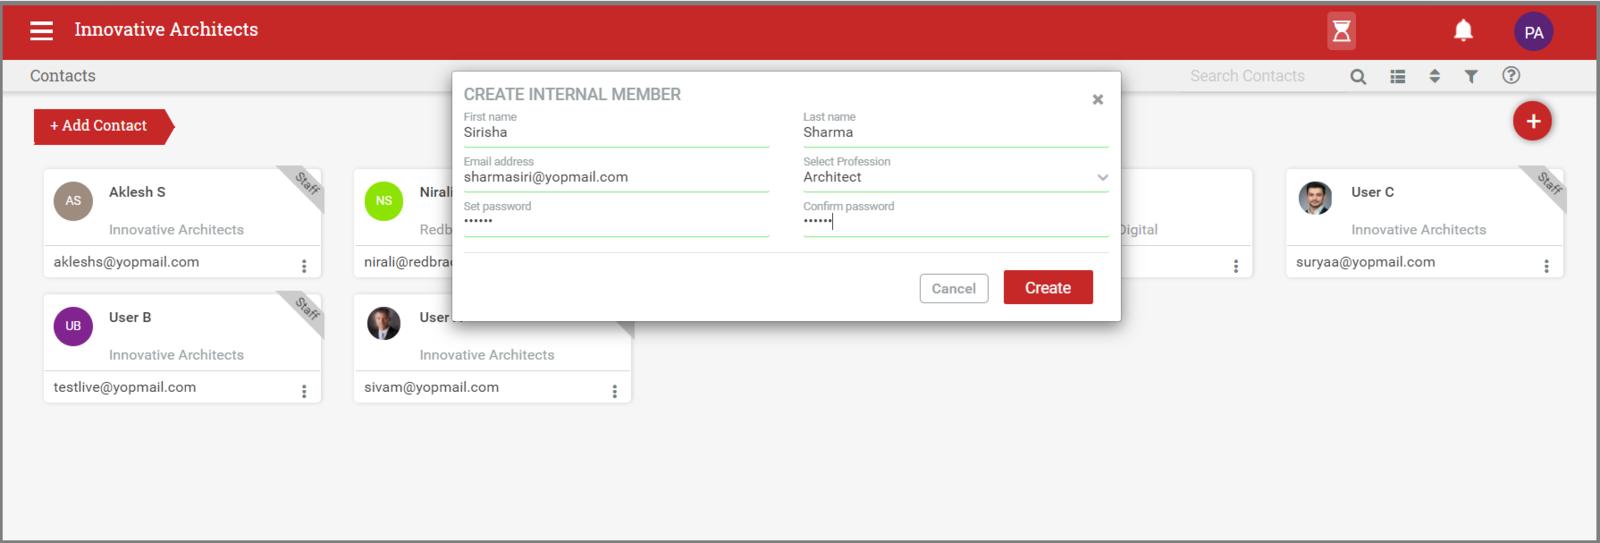 Add user details